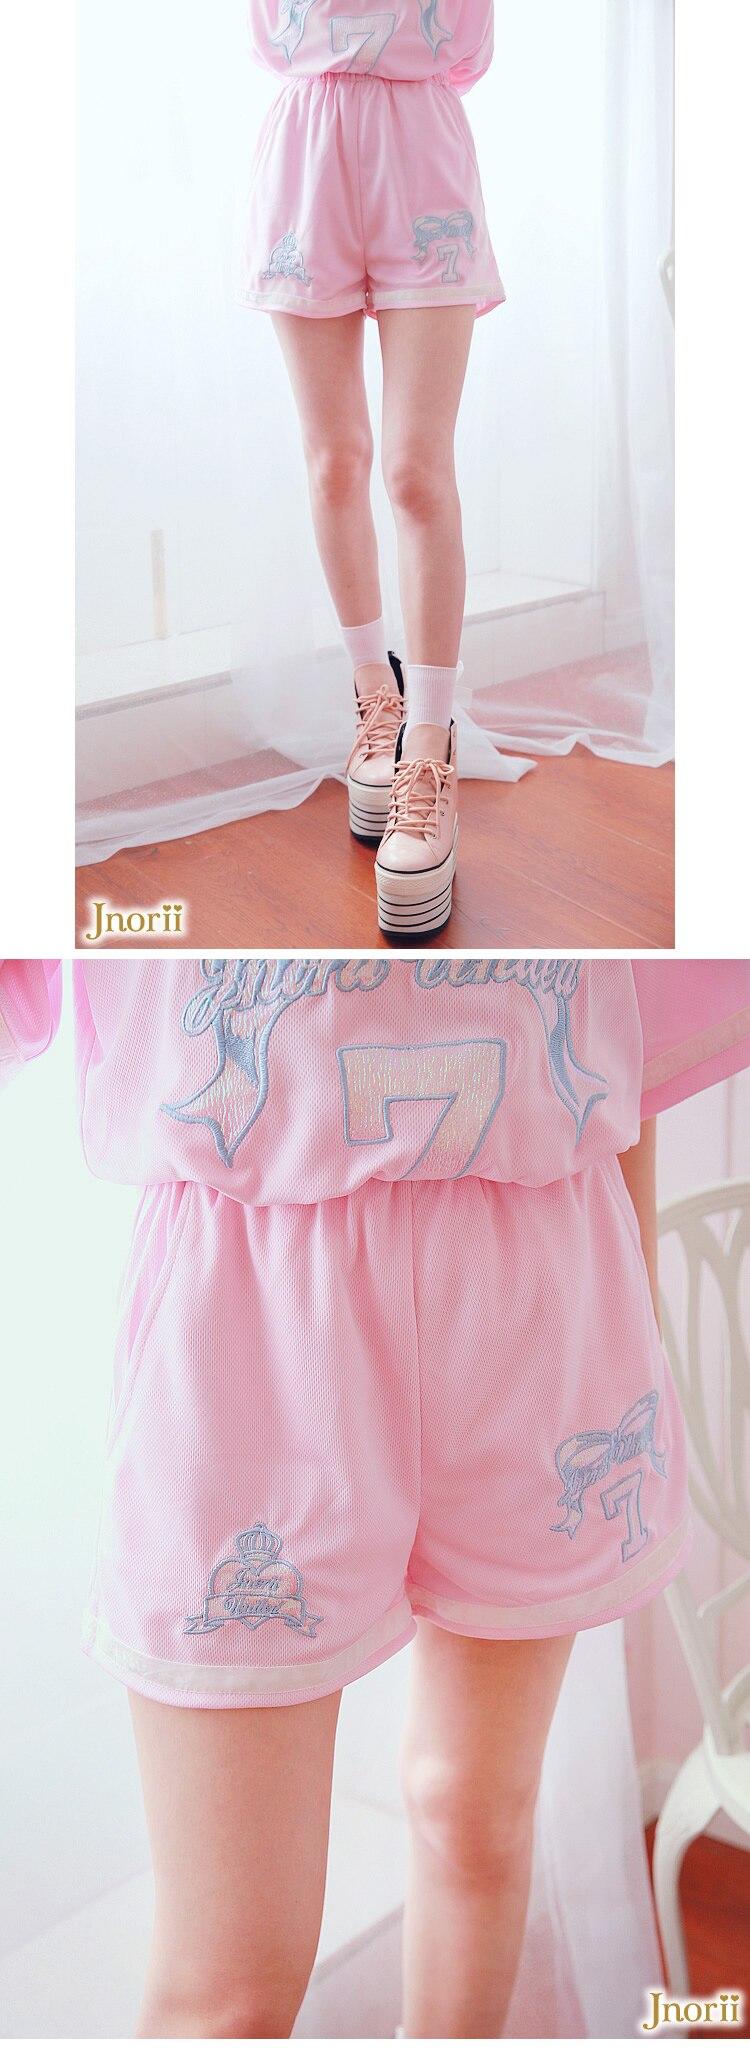 China lolita shorts Suppliers